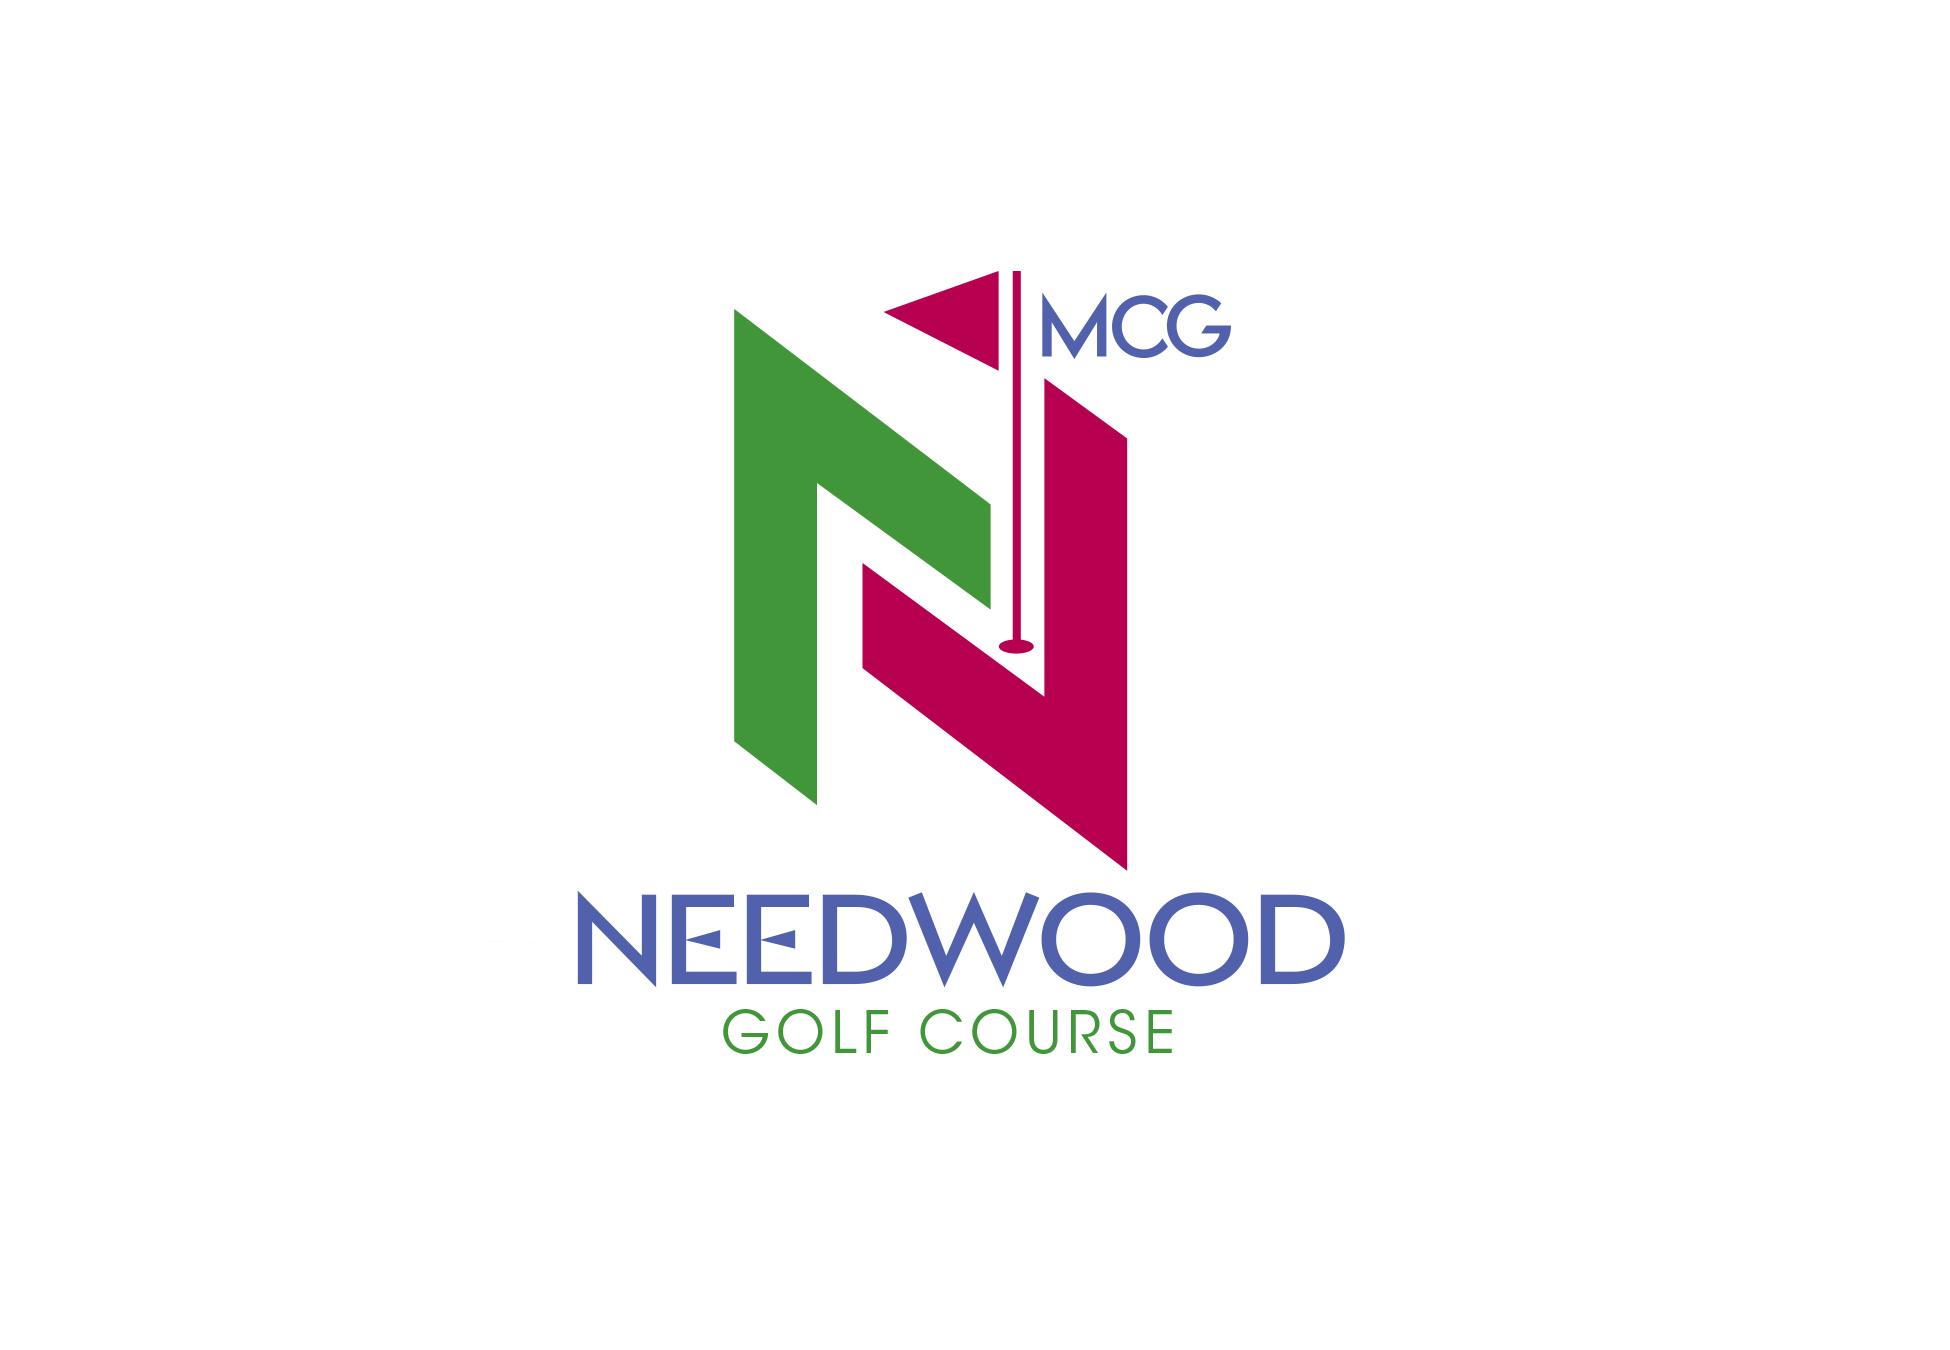 Needwood